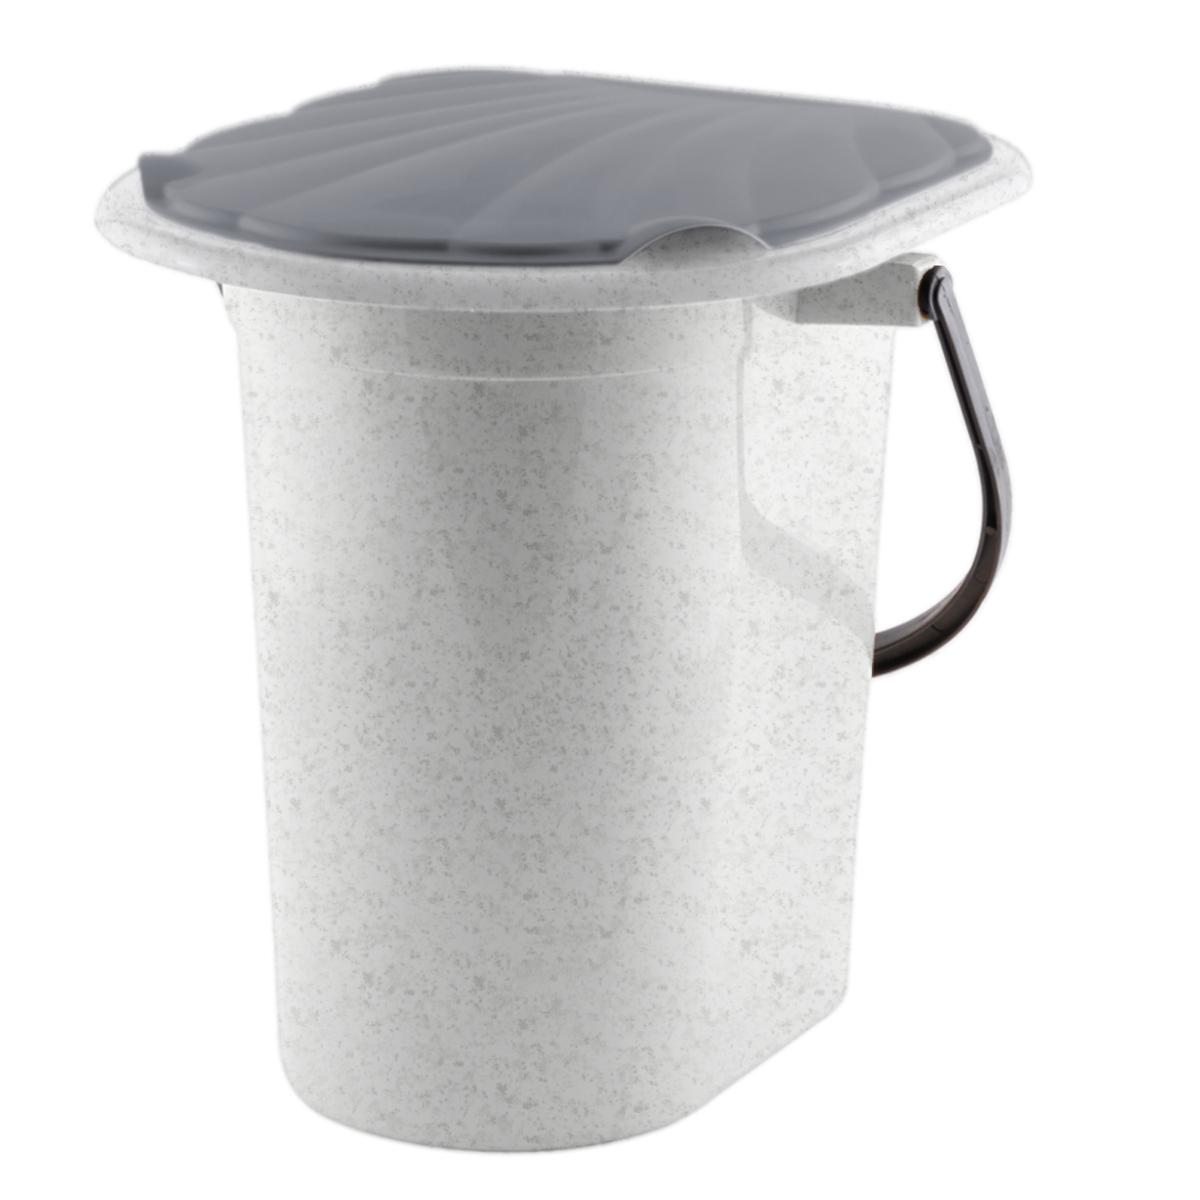 Ведро-туалет InGreen, цвет: мраморный, серый, 18 лING40000МРВедро-туалет InGreen выполнено из пластика. Это незаменимая вещь на даче, а также для пожилых людей и людей с ограниченными возможностями. Устойчивое и высокое ведро удобно в использовании. Ведро-туалет имеет эргономичное съемное сиденье - это позволит легко его мыть и сушить отдельно. Ведро снабжено крышкой, что препятствует распространению неприятных запахов. Прочный пластик выдержит даже людей с большим весом.